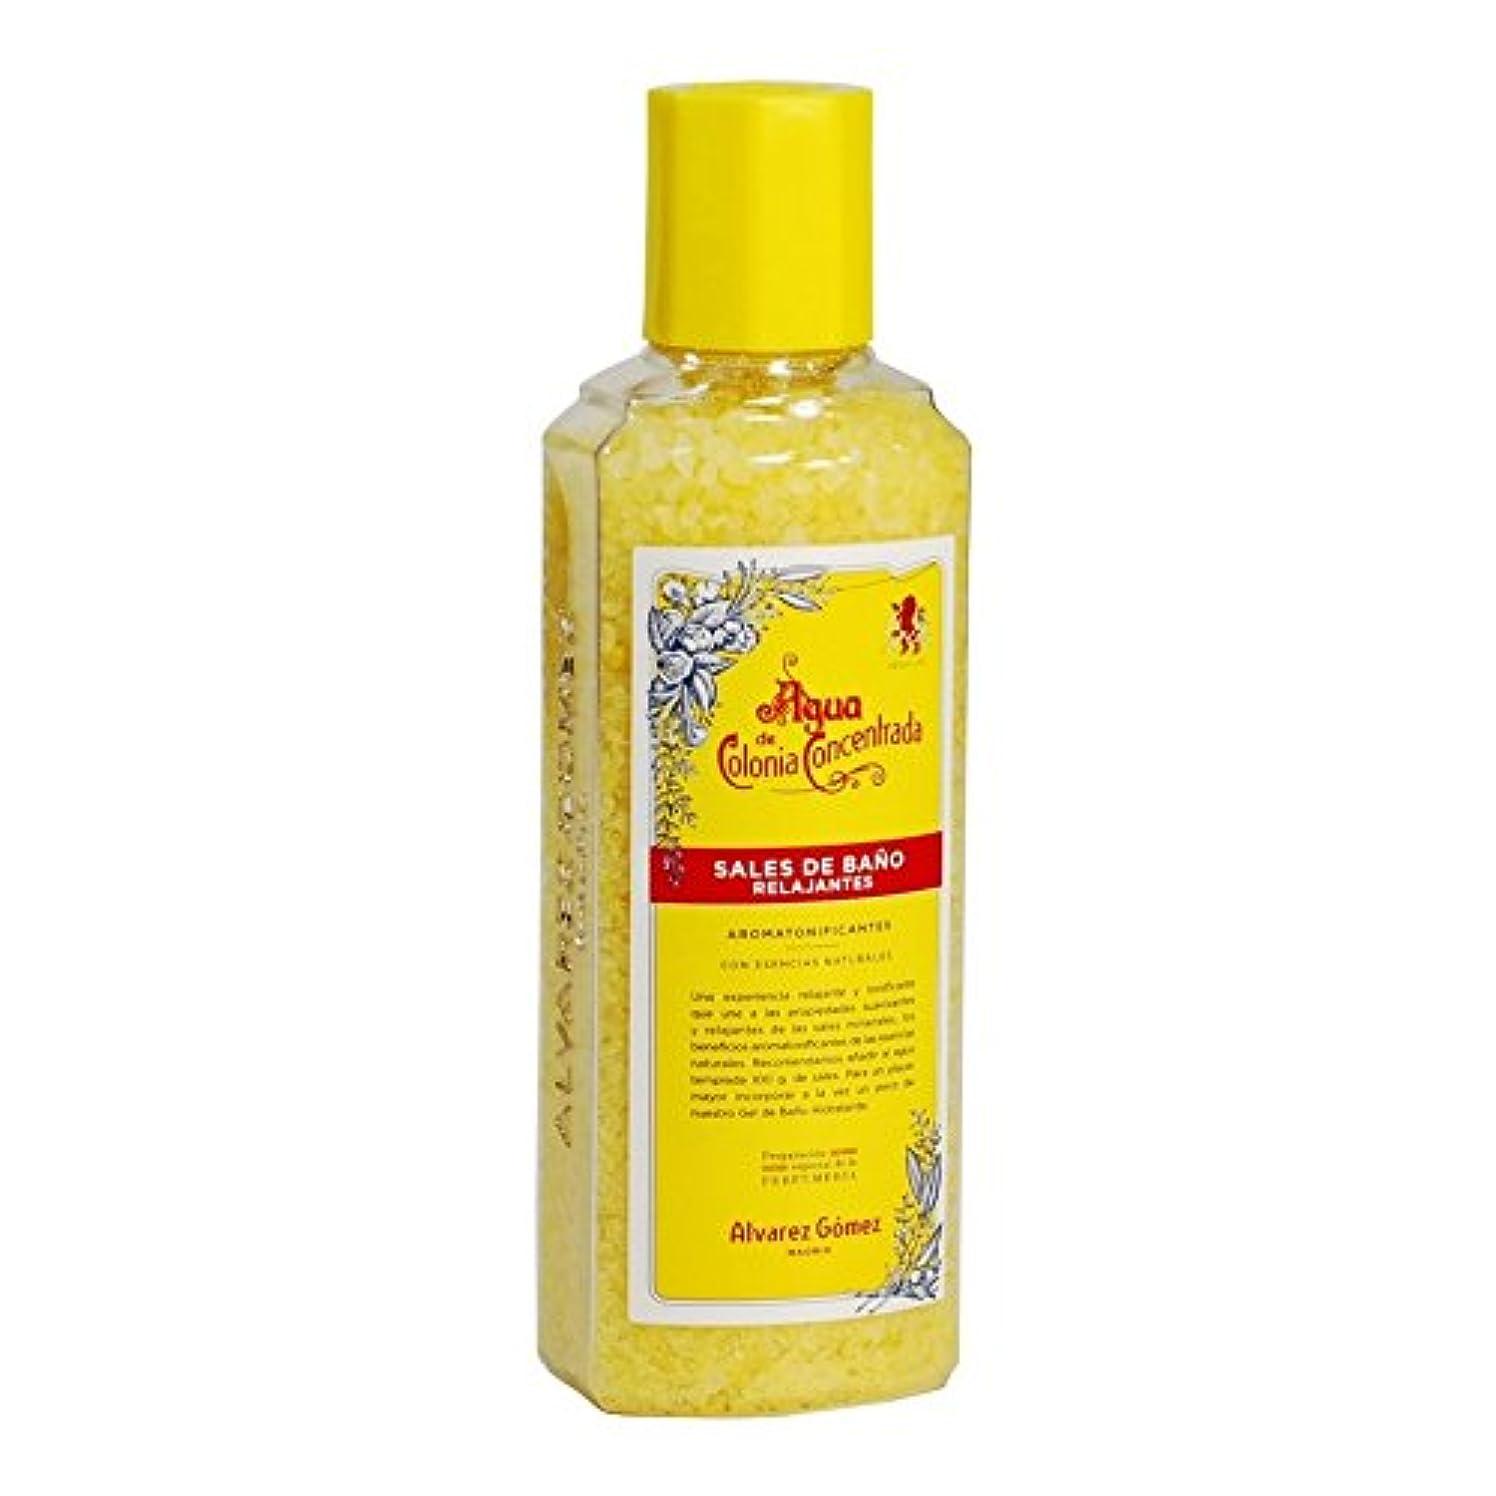 カップル保護におい?lvarez G?mez Agua de Colonia Concentrada Bath Salts 300g (Pack of 6) - アルバレス?ゴメスアグア?デ?コロニア入浴剤300グラム x6 [並行輸入品]